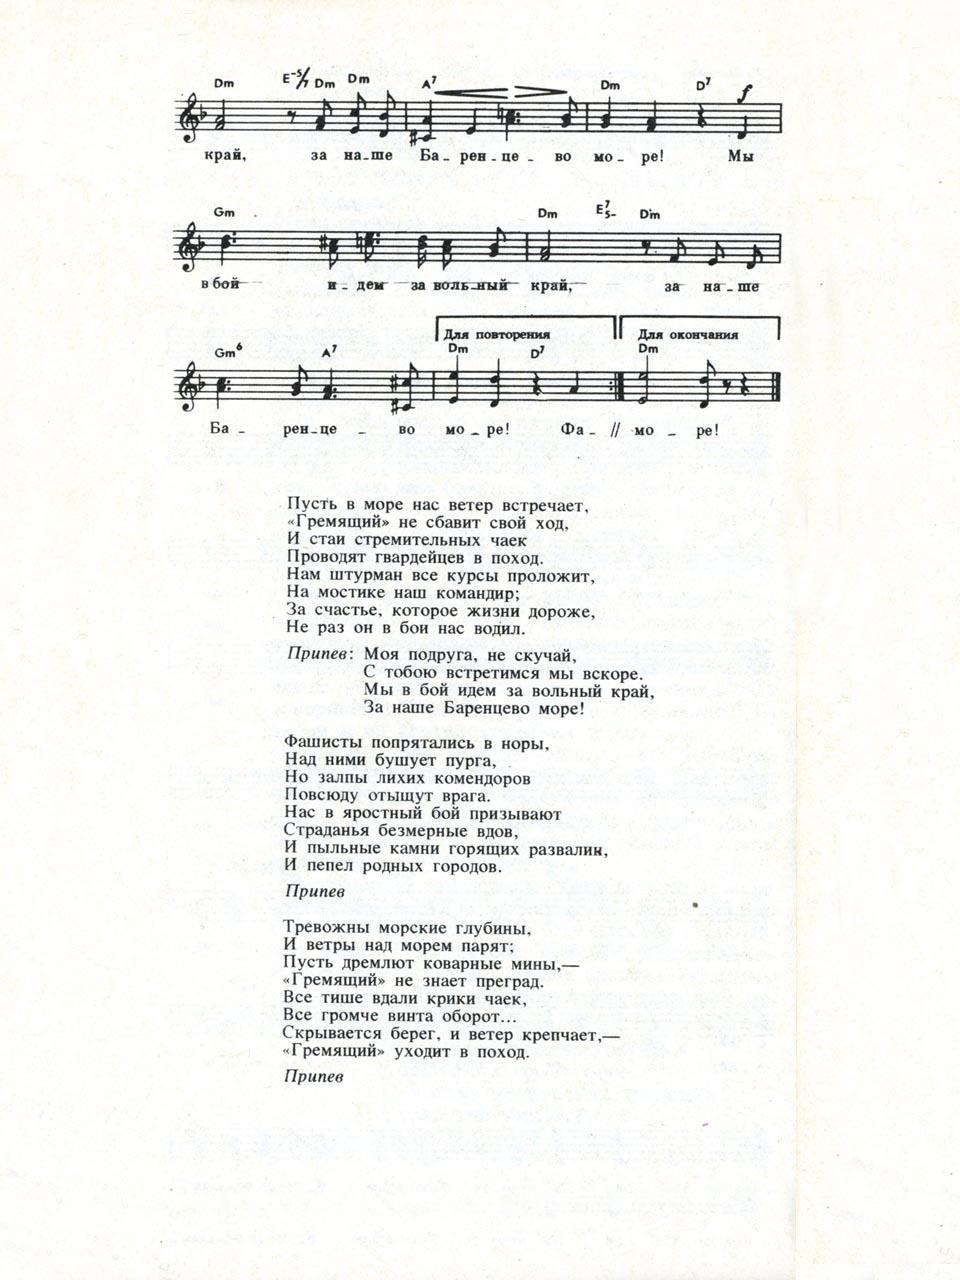 Е. Жарковский, Е. Иващенко. Песня о «Гремящем». Ноты и аккордовая цифровка